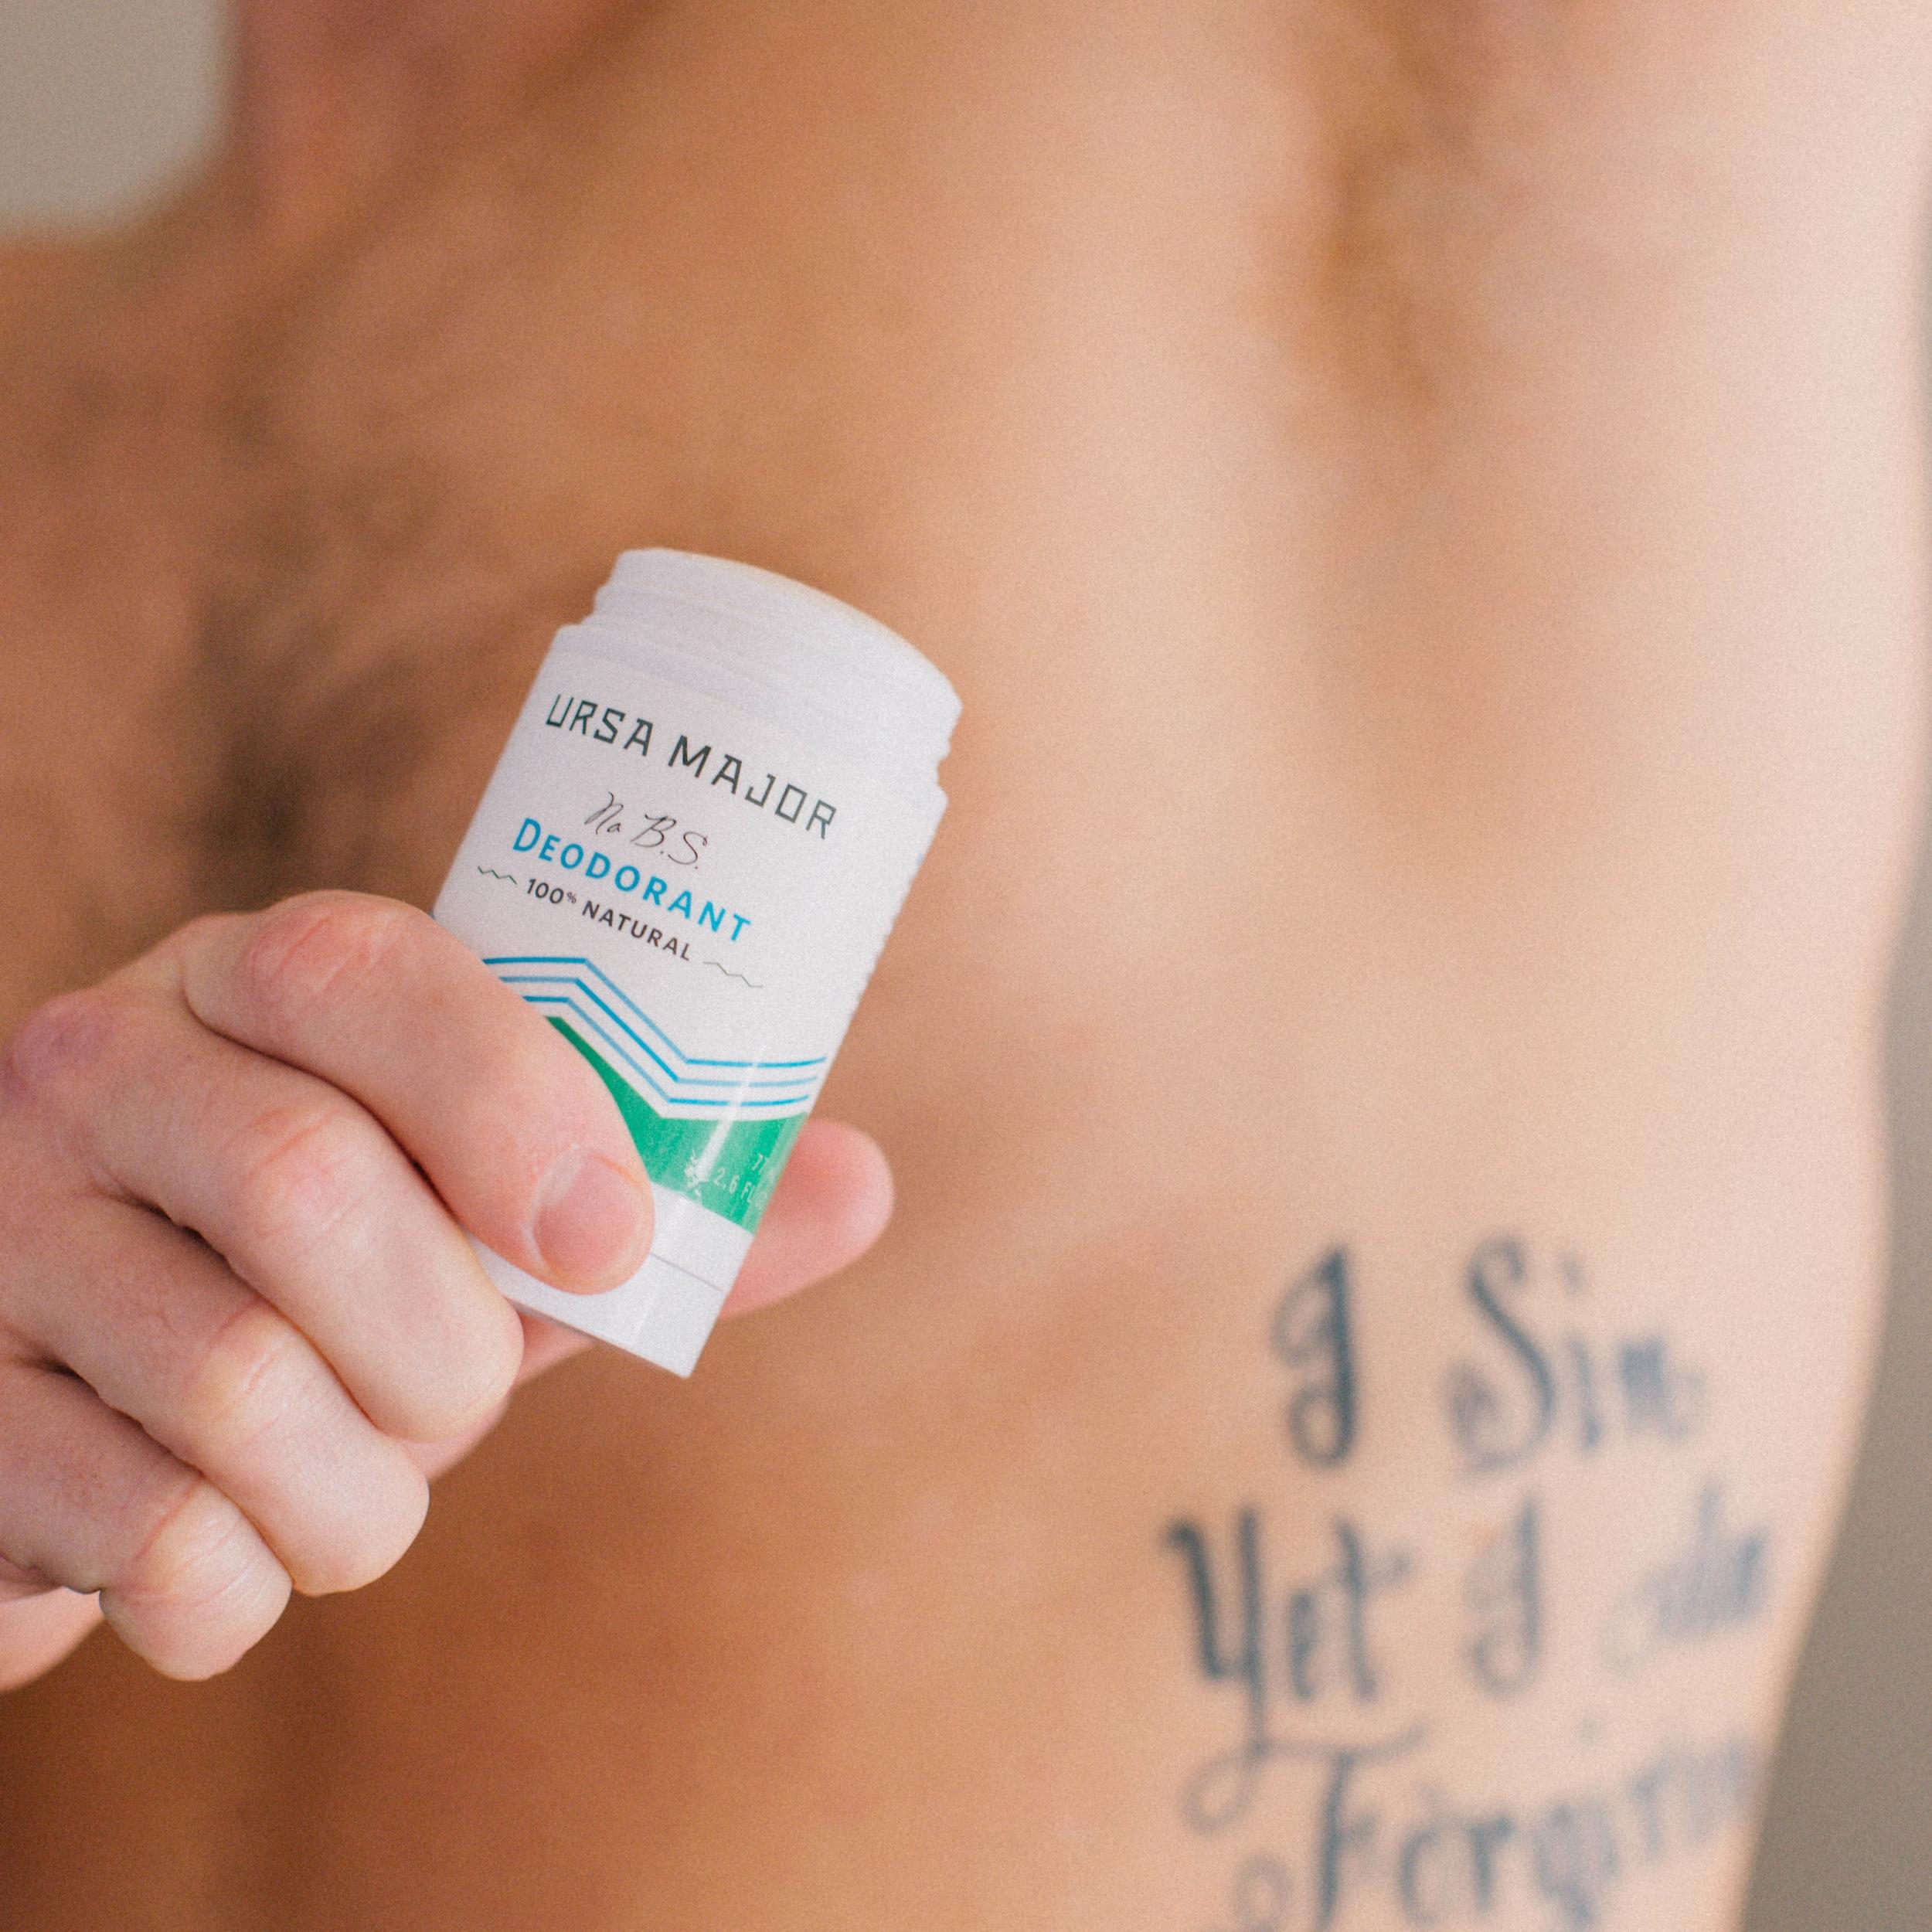 Ursa Major No B.S. Deodorant available on Amazon